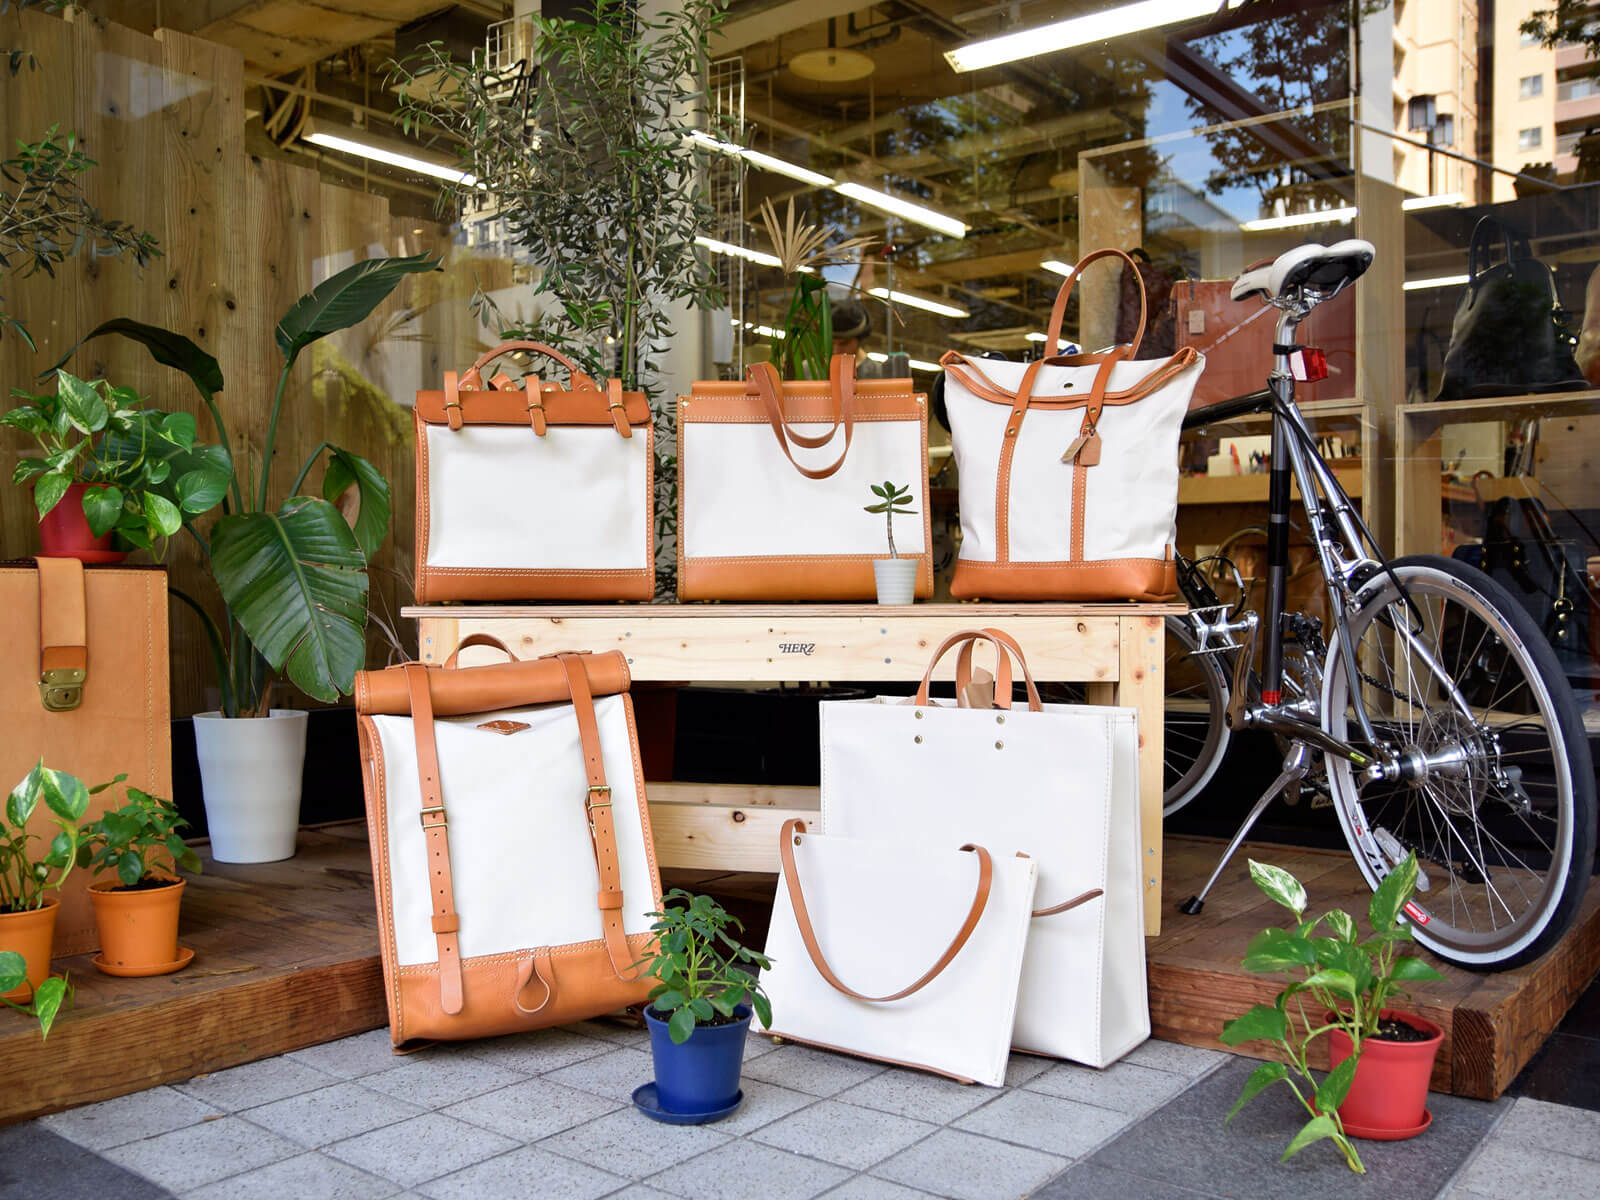 名古屋店もキナリ×キャメルの鞄と小物を販売中